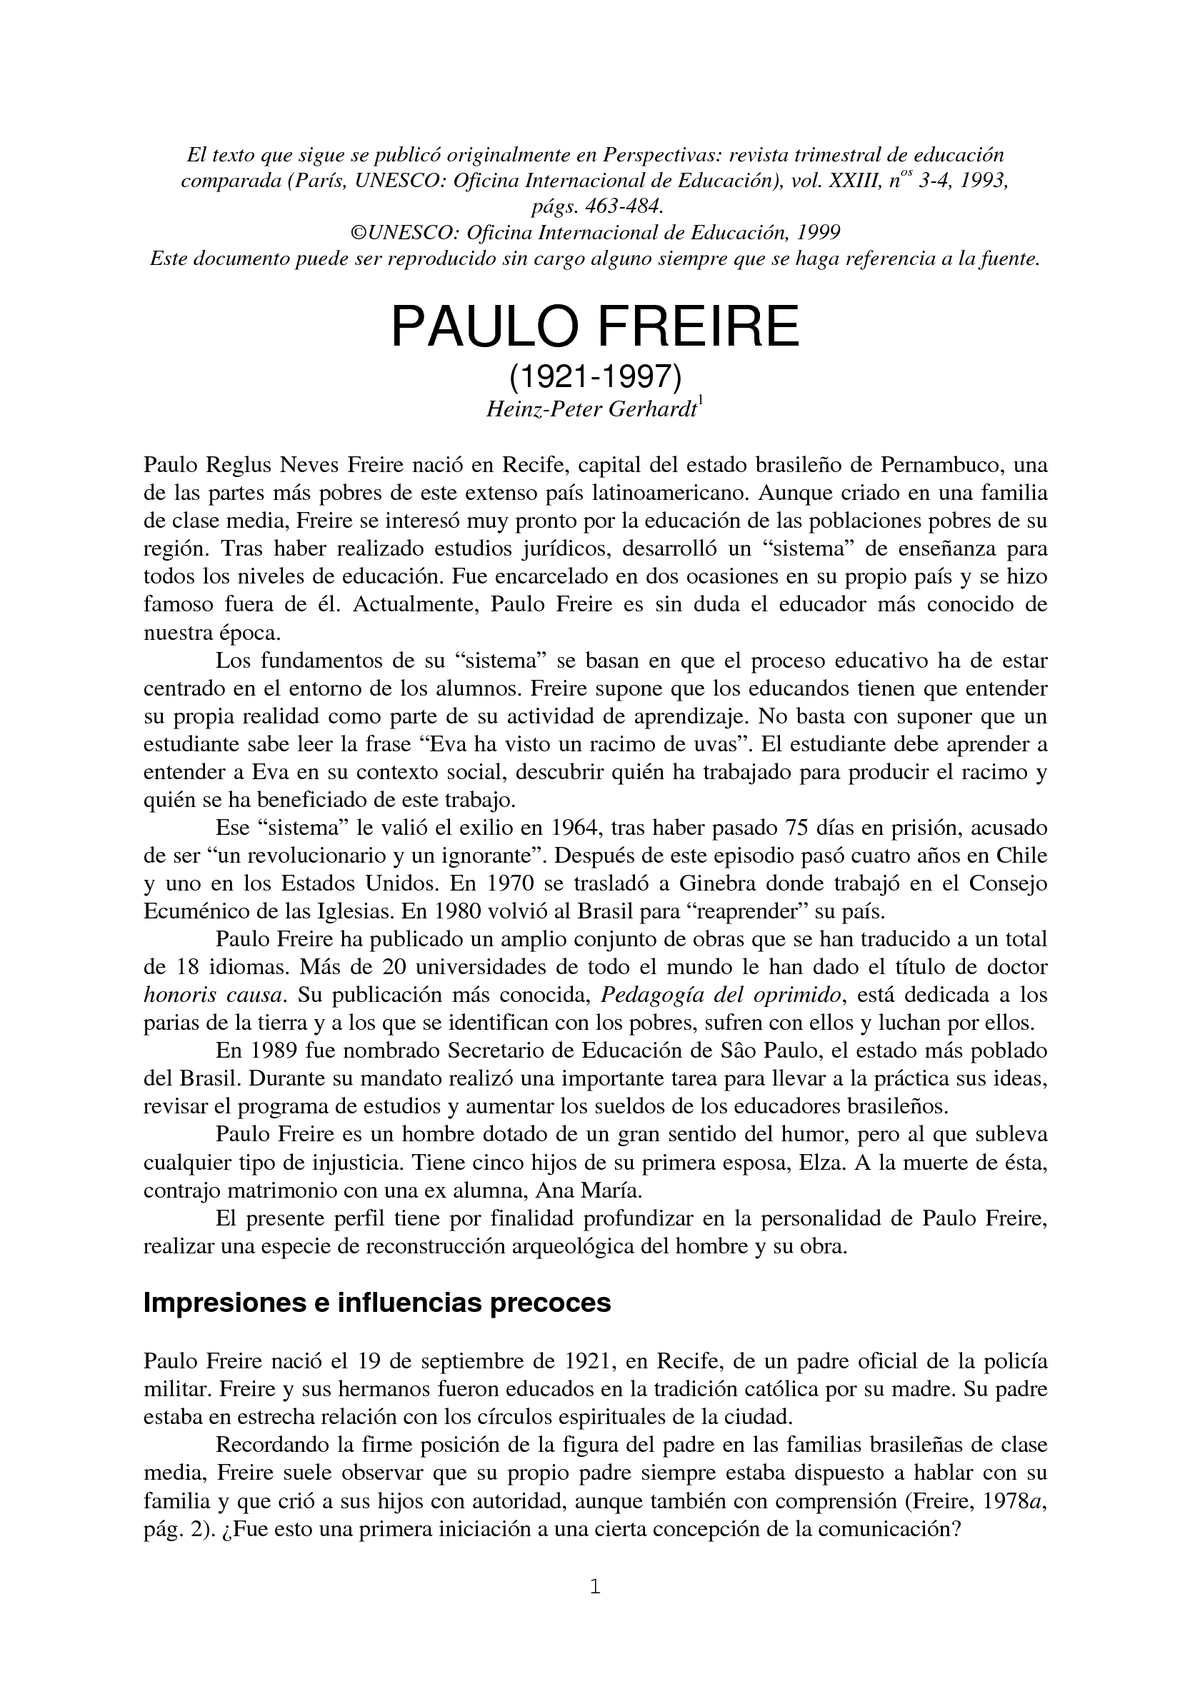 Calaméo - PAULO FREIRE (1921-1997). Por Heinz-Peter Gerhardt